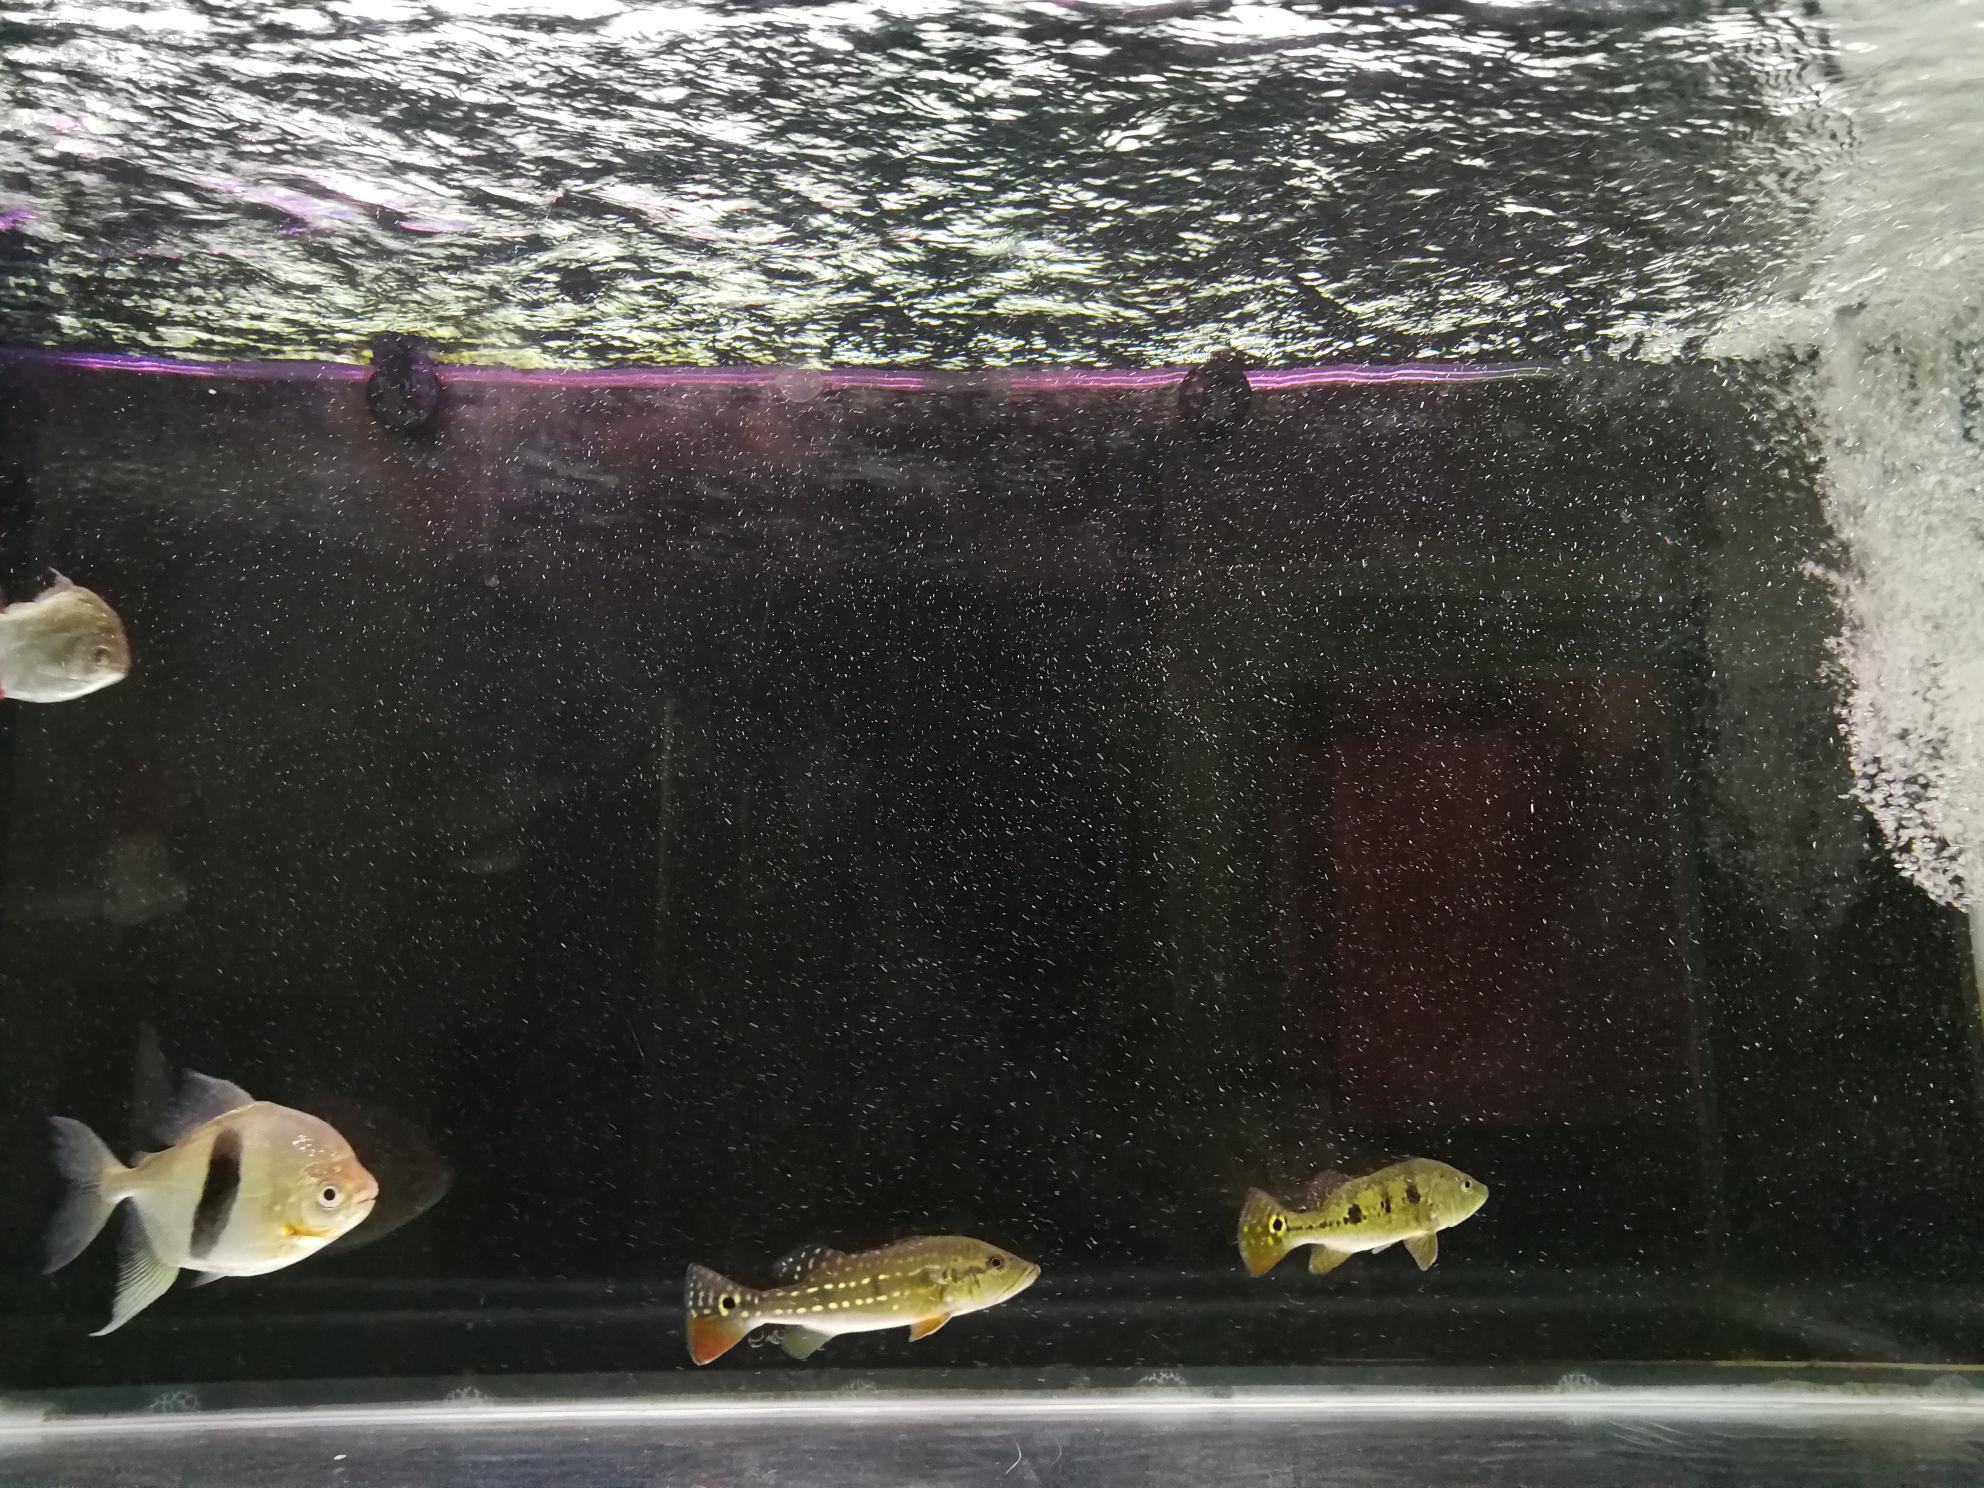 鱼缸里的水有水泡 西安观赏鱼信息 西安博特第5张